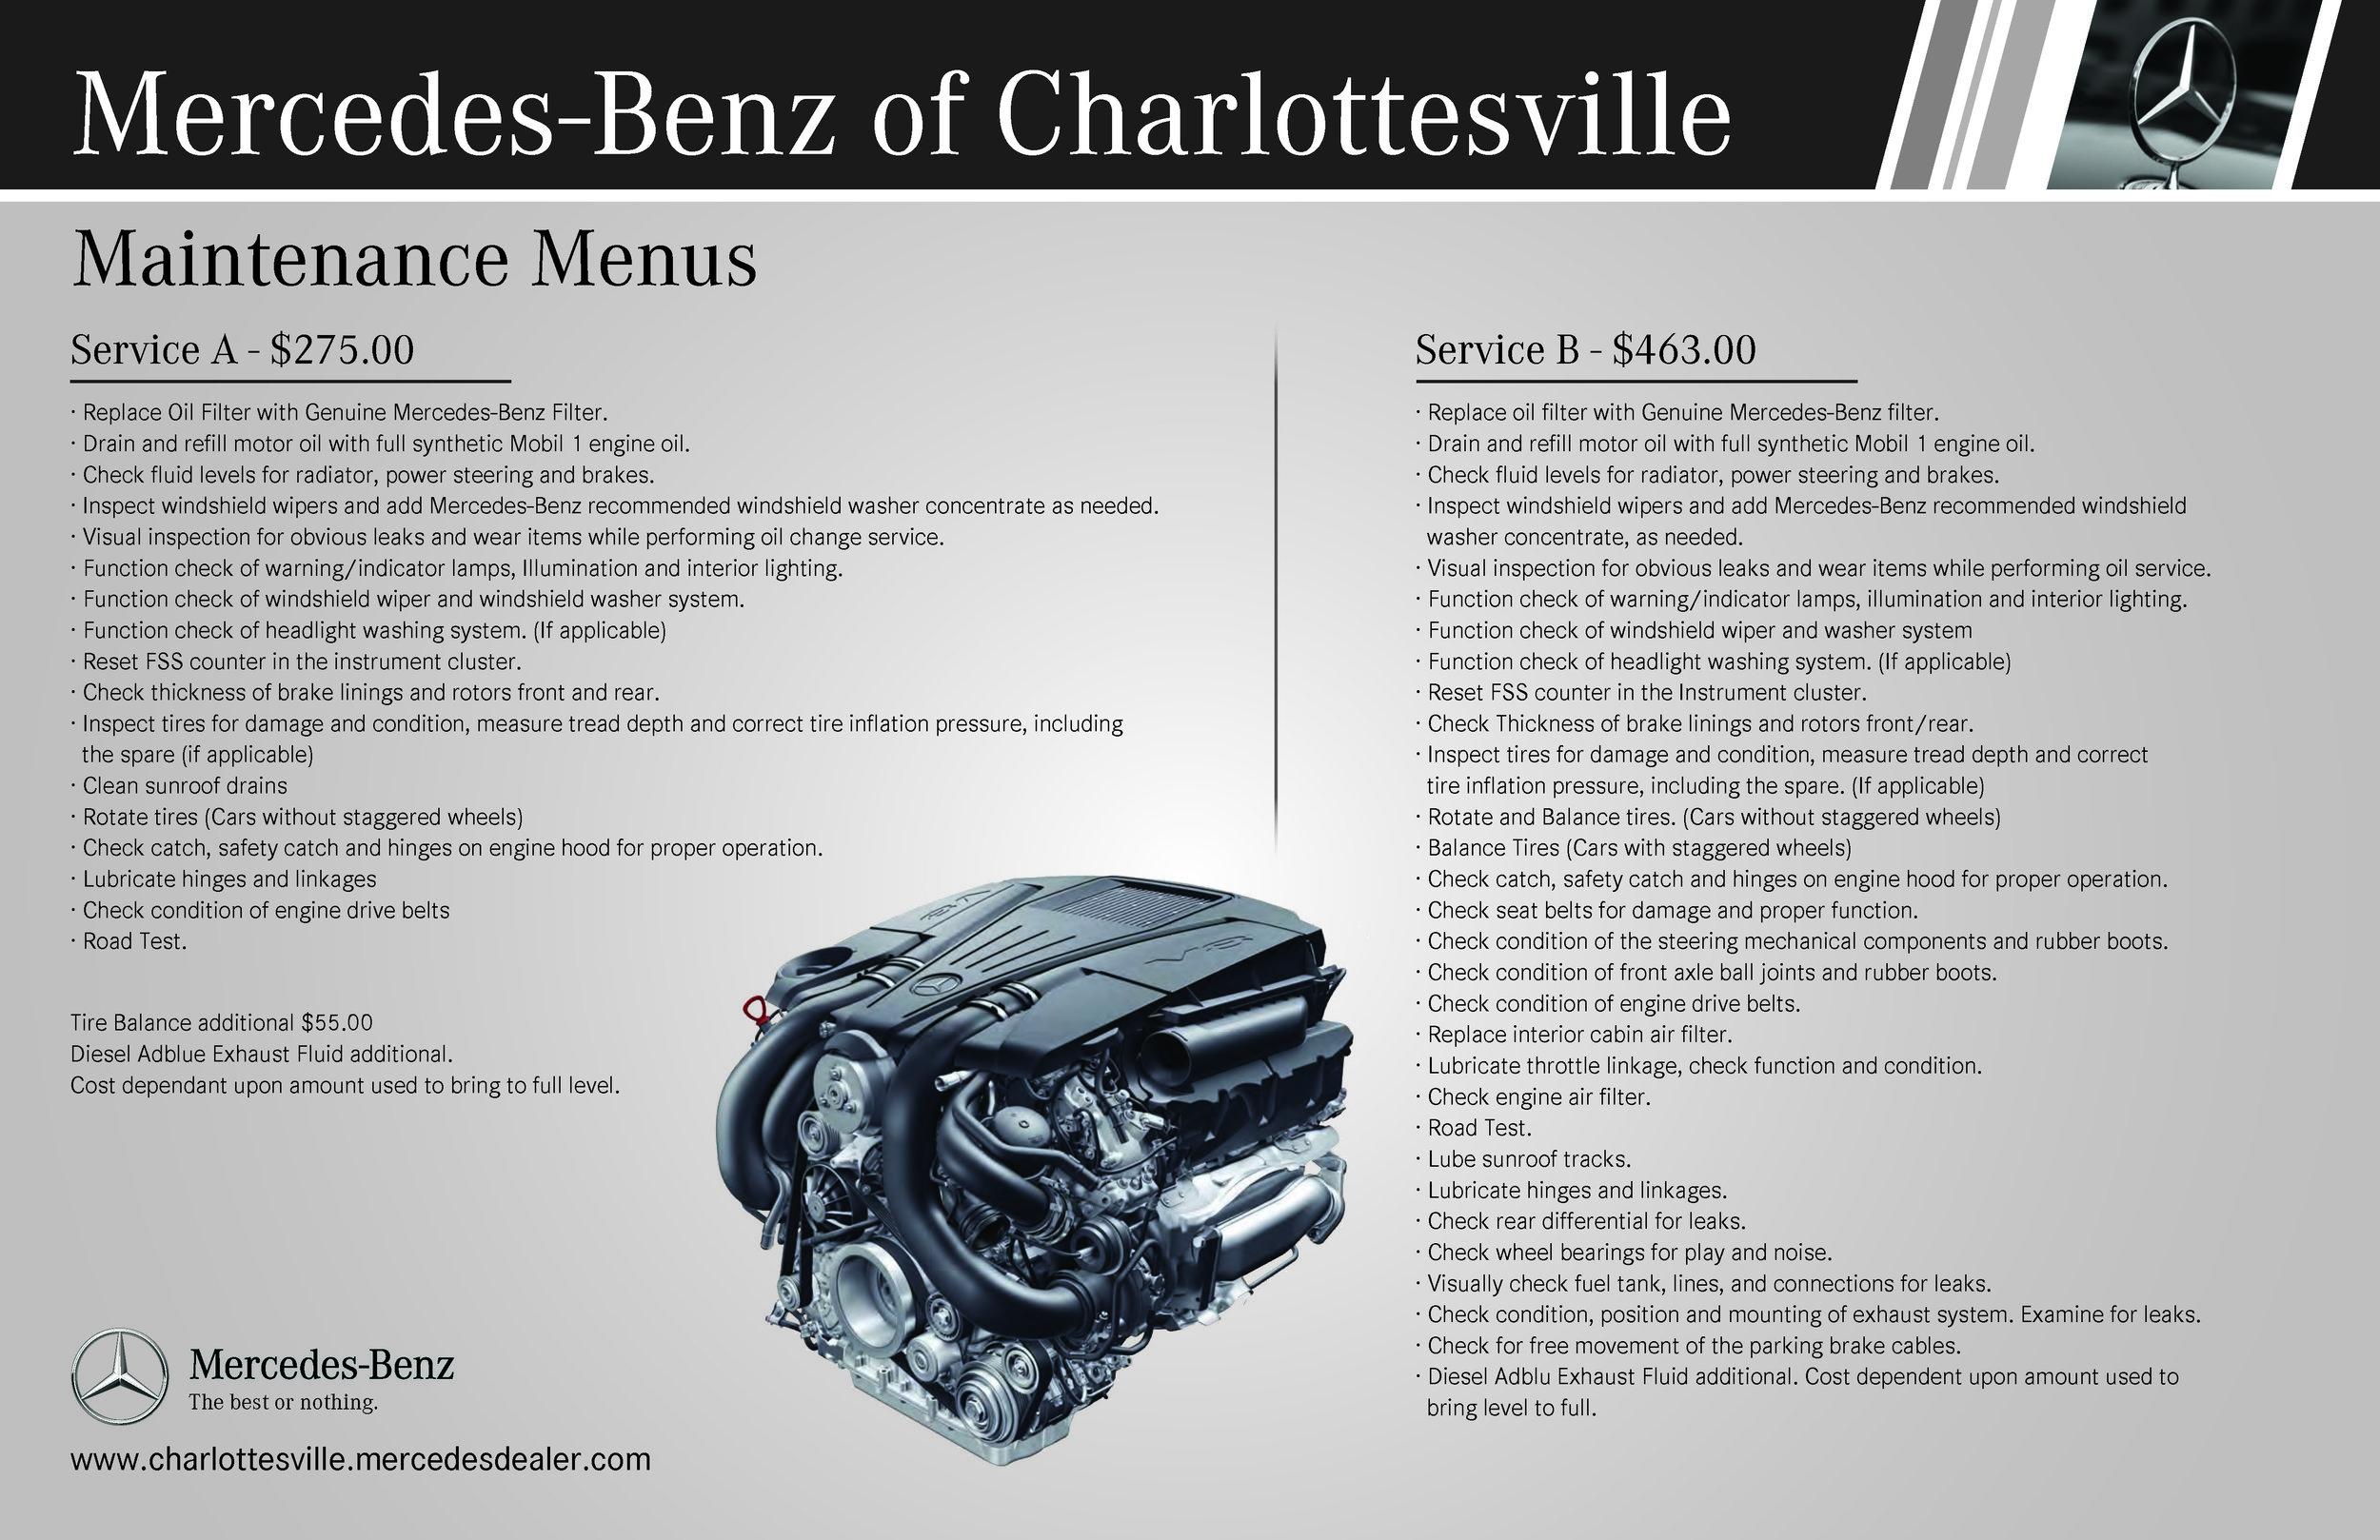 Mercedes-Benz of Charlottesville - Mat - Front.jpg